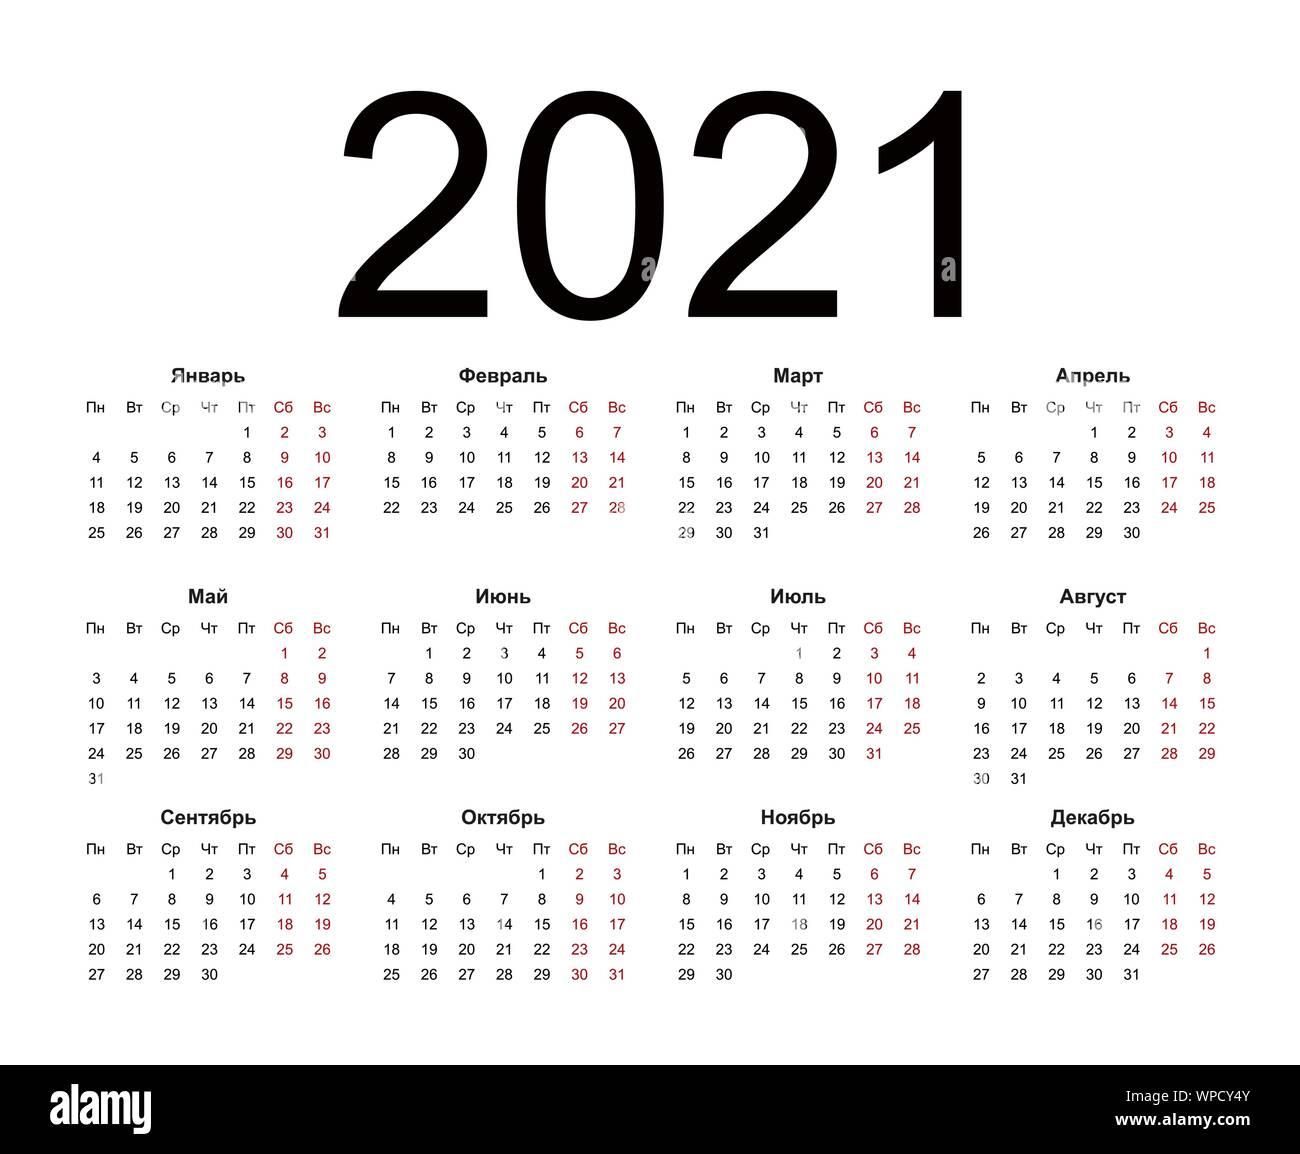 Calendario 2021 lingua russa. Isolato illustrazione vettoriale su